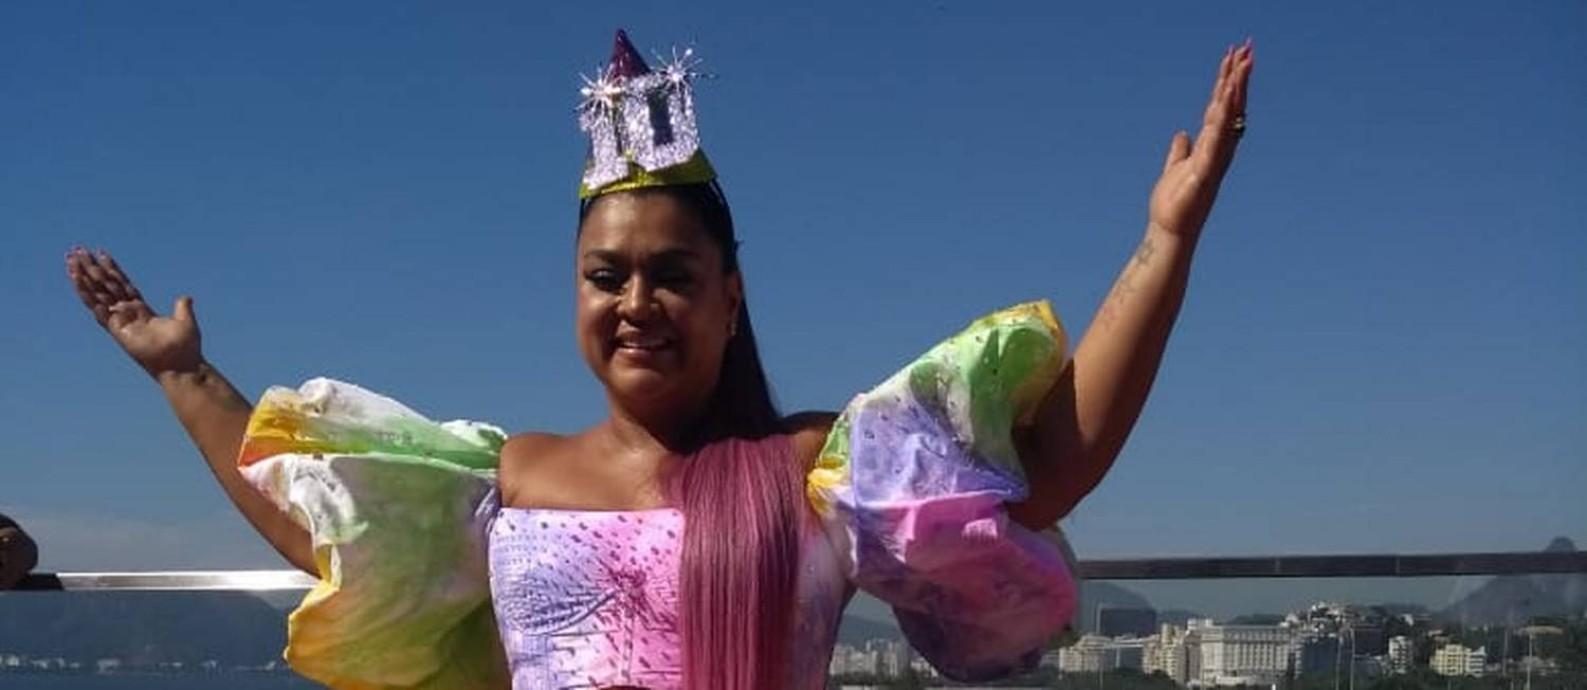 Este ano, Preta Gil cantará vestida de bolo de aniversário, em comemoração aos dez anos do Bloco da Preta Foto: Patrícia de Paula